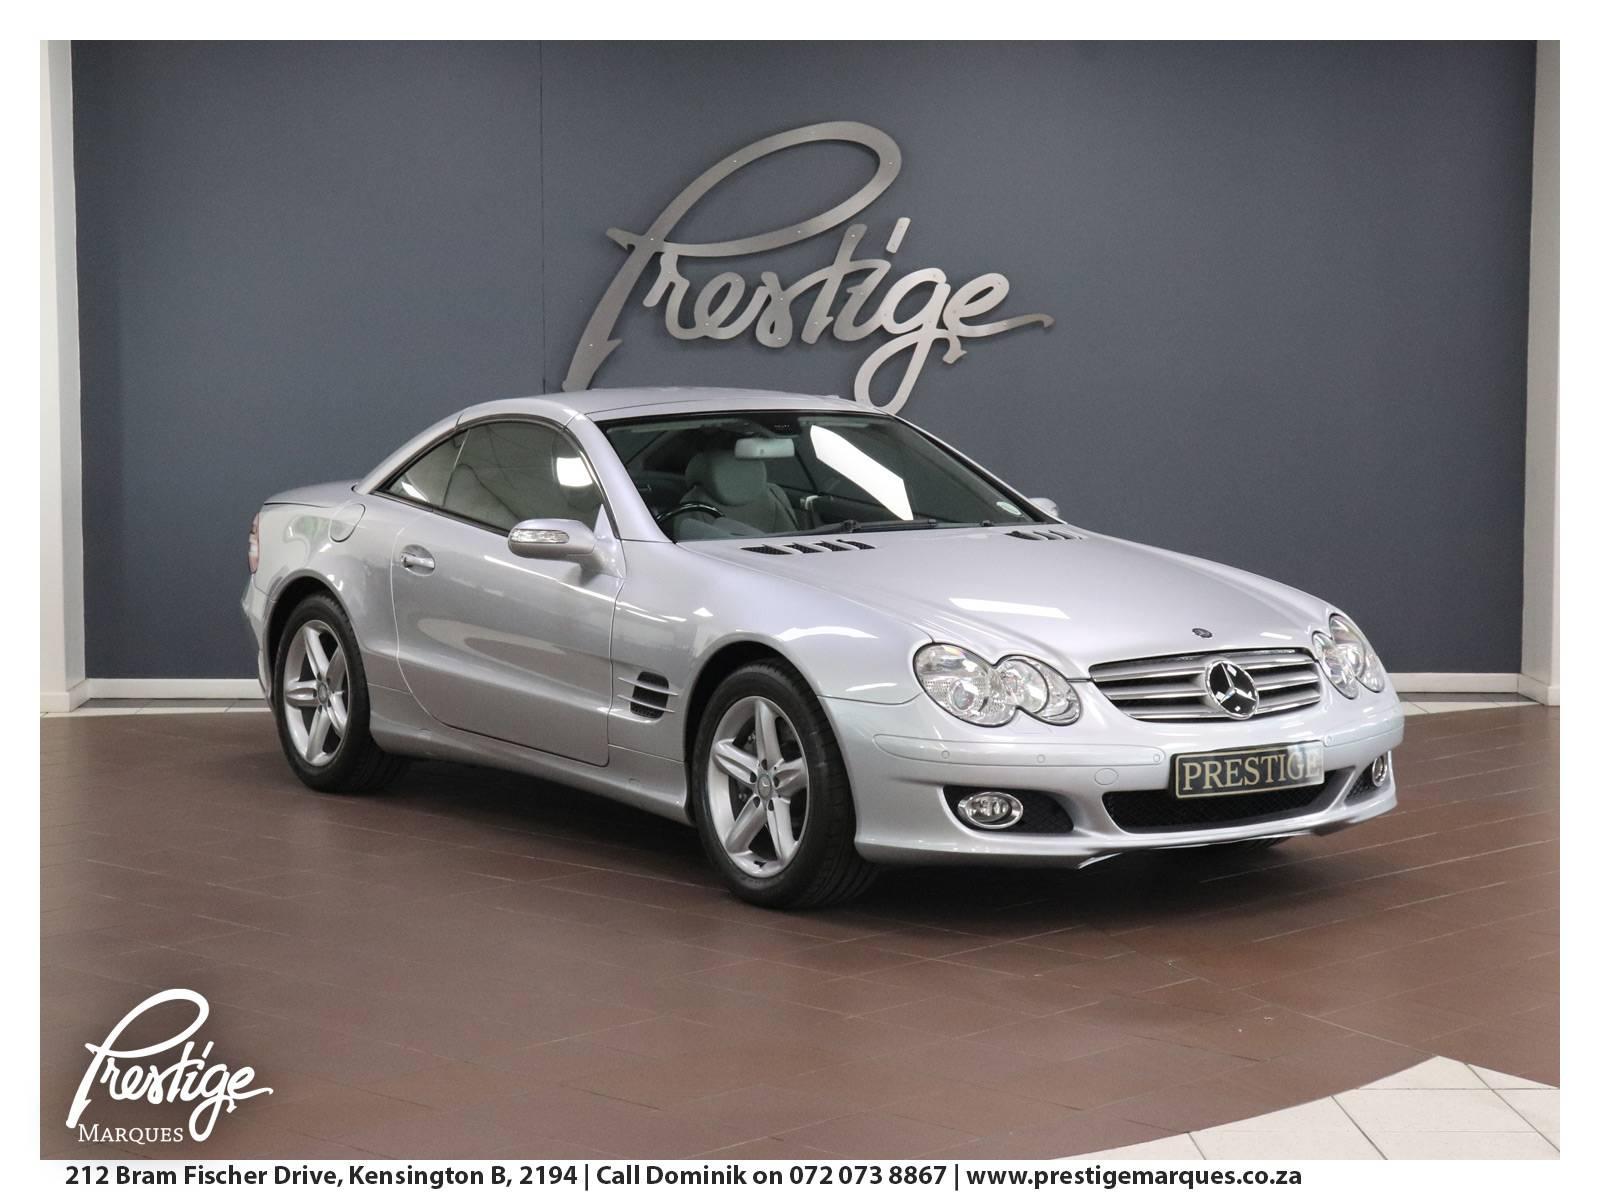 2007-Mercedes-benz-sl500-203-facelift-Prestige-Marques-Randburg-Sandton-1